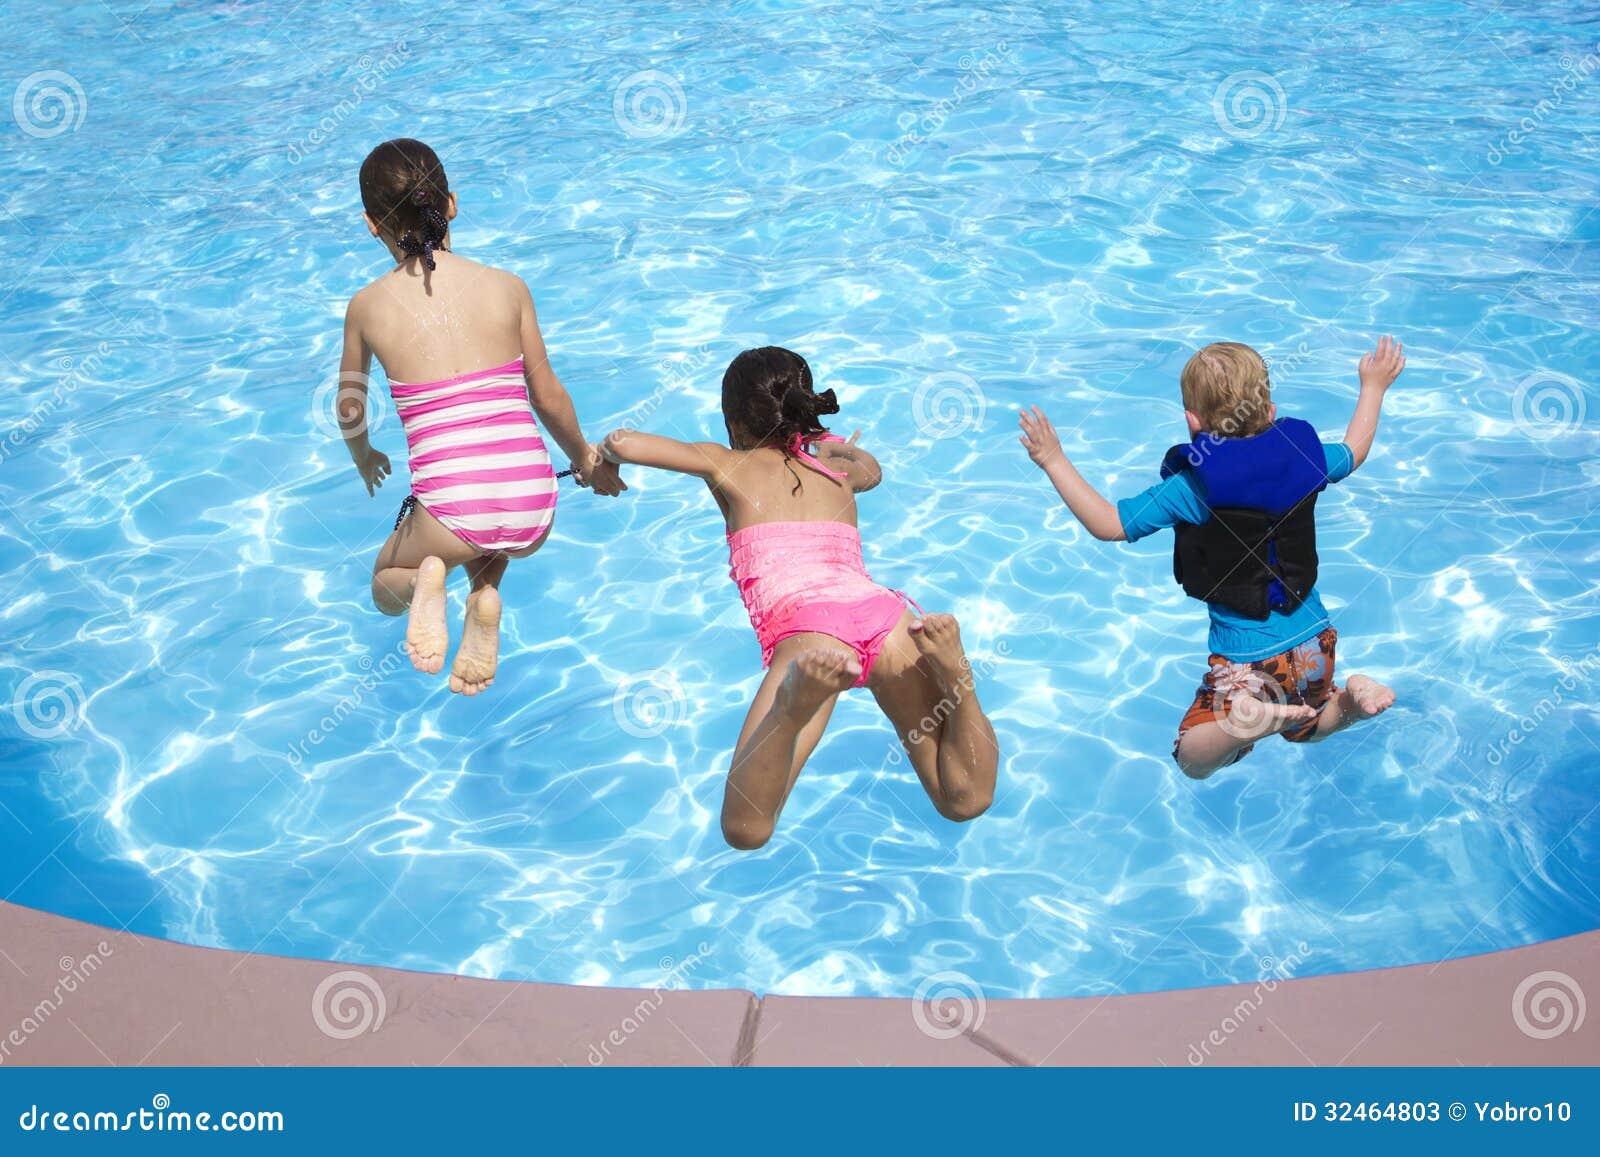 跳进游泳池的孩子